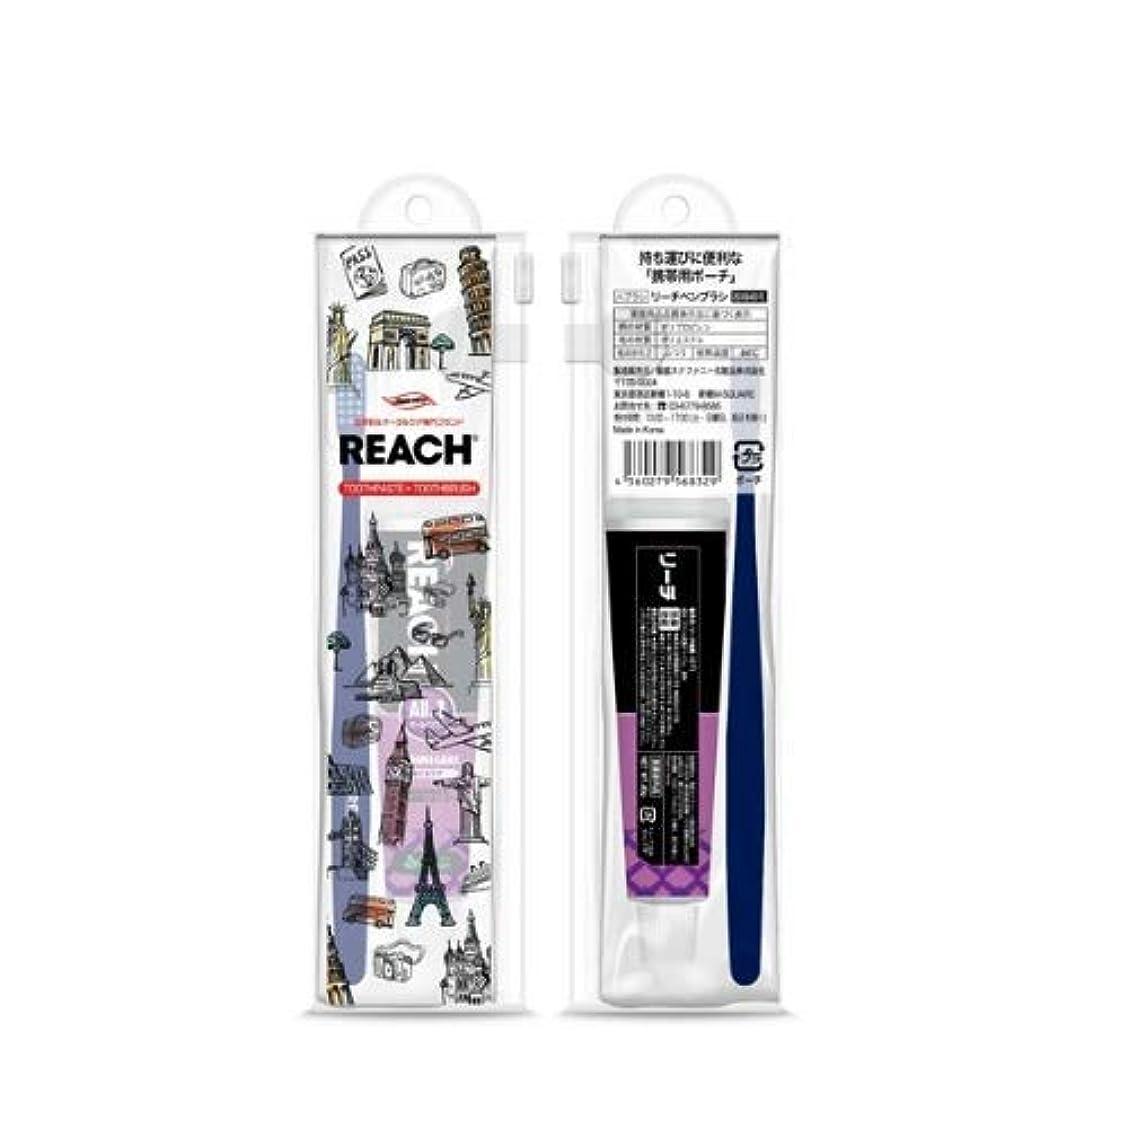 乞食黒突き出すリーチトラベルセット(デンタル歯ブラシ1本?薬用歯みがき40g) × 36個セット